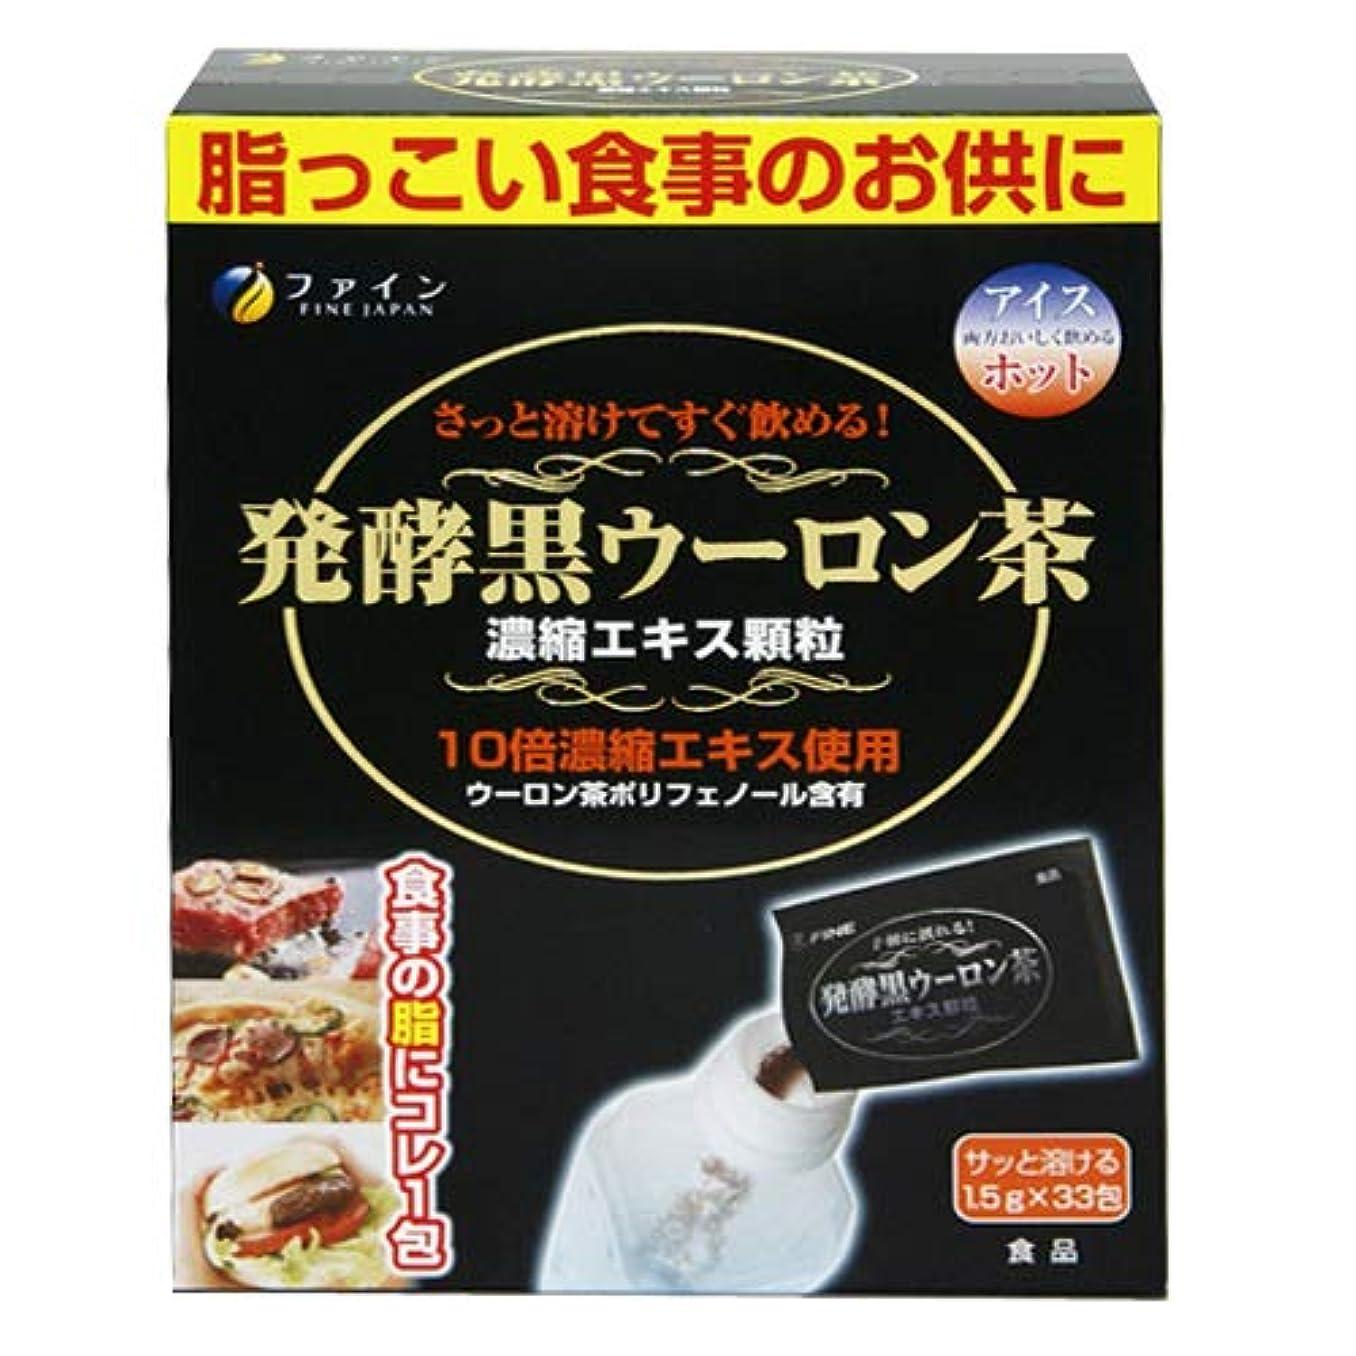 カーフドキドキ震える発酵黒ウーロン茶 濃縮エキス顆粒 【30箱組】